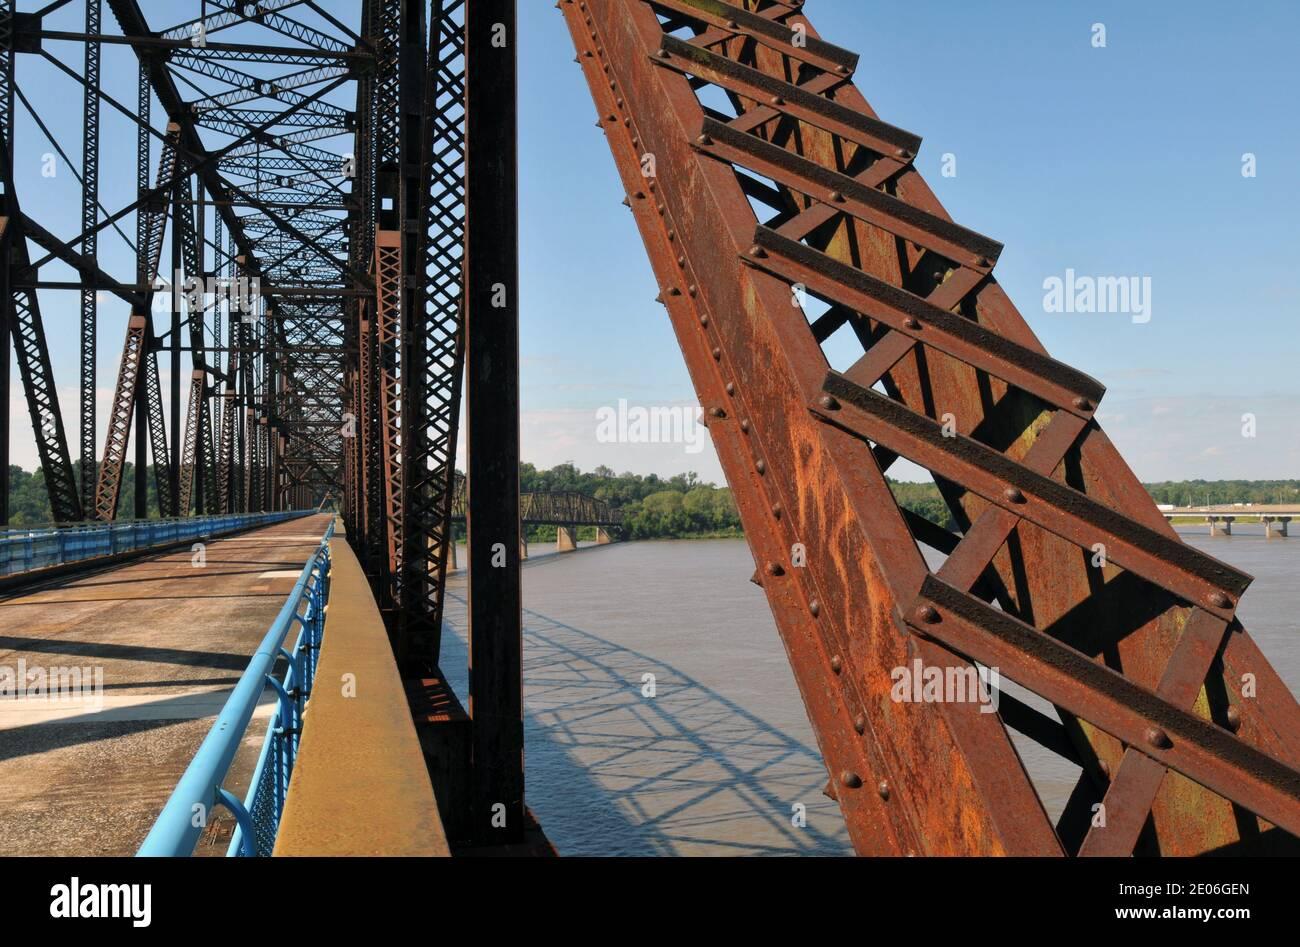 Le pont historique de Chain of Rocks, qui transportaient la route 66 à travers le fleuve Mississippi entre l'Illinois et le Missouri, présente un virage distinctif. Banque D'Images